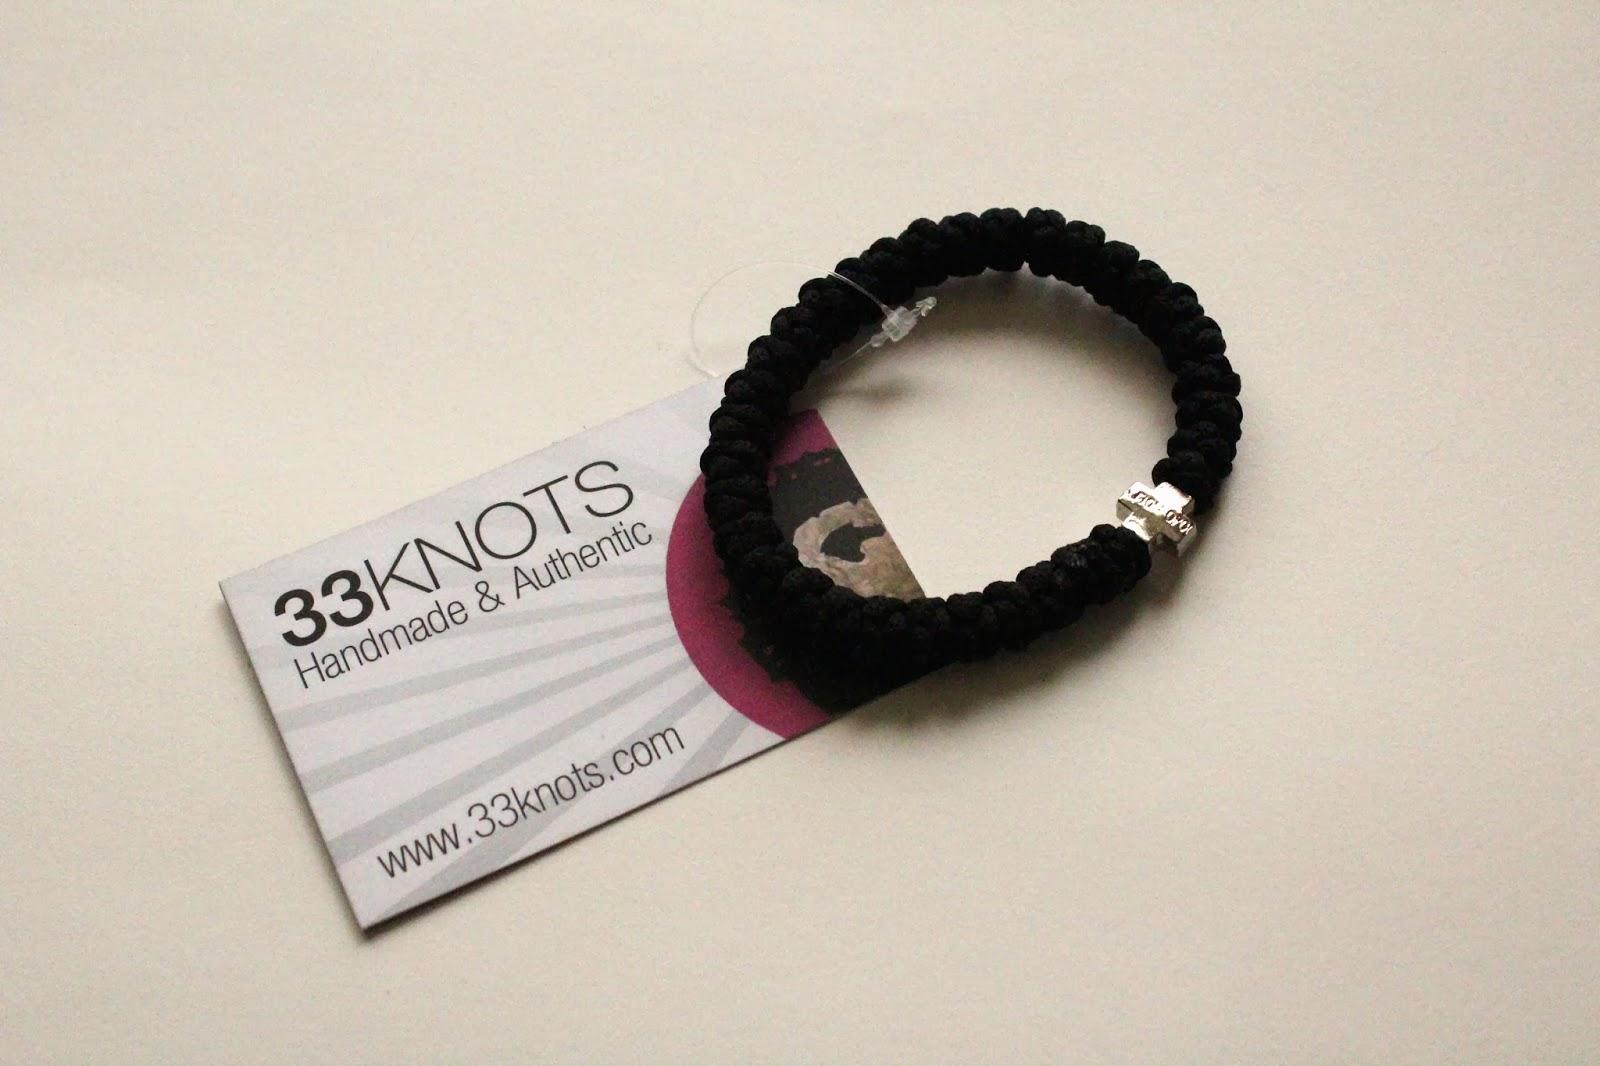 prayer rope bracelet by 33knots